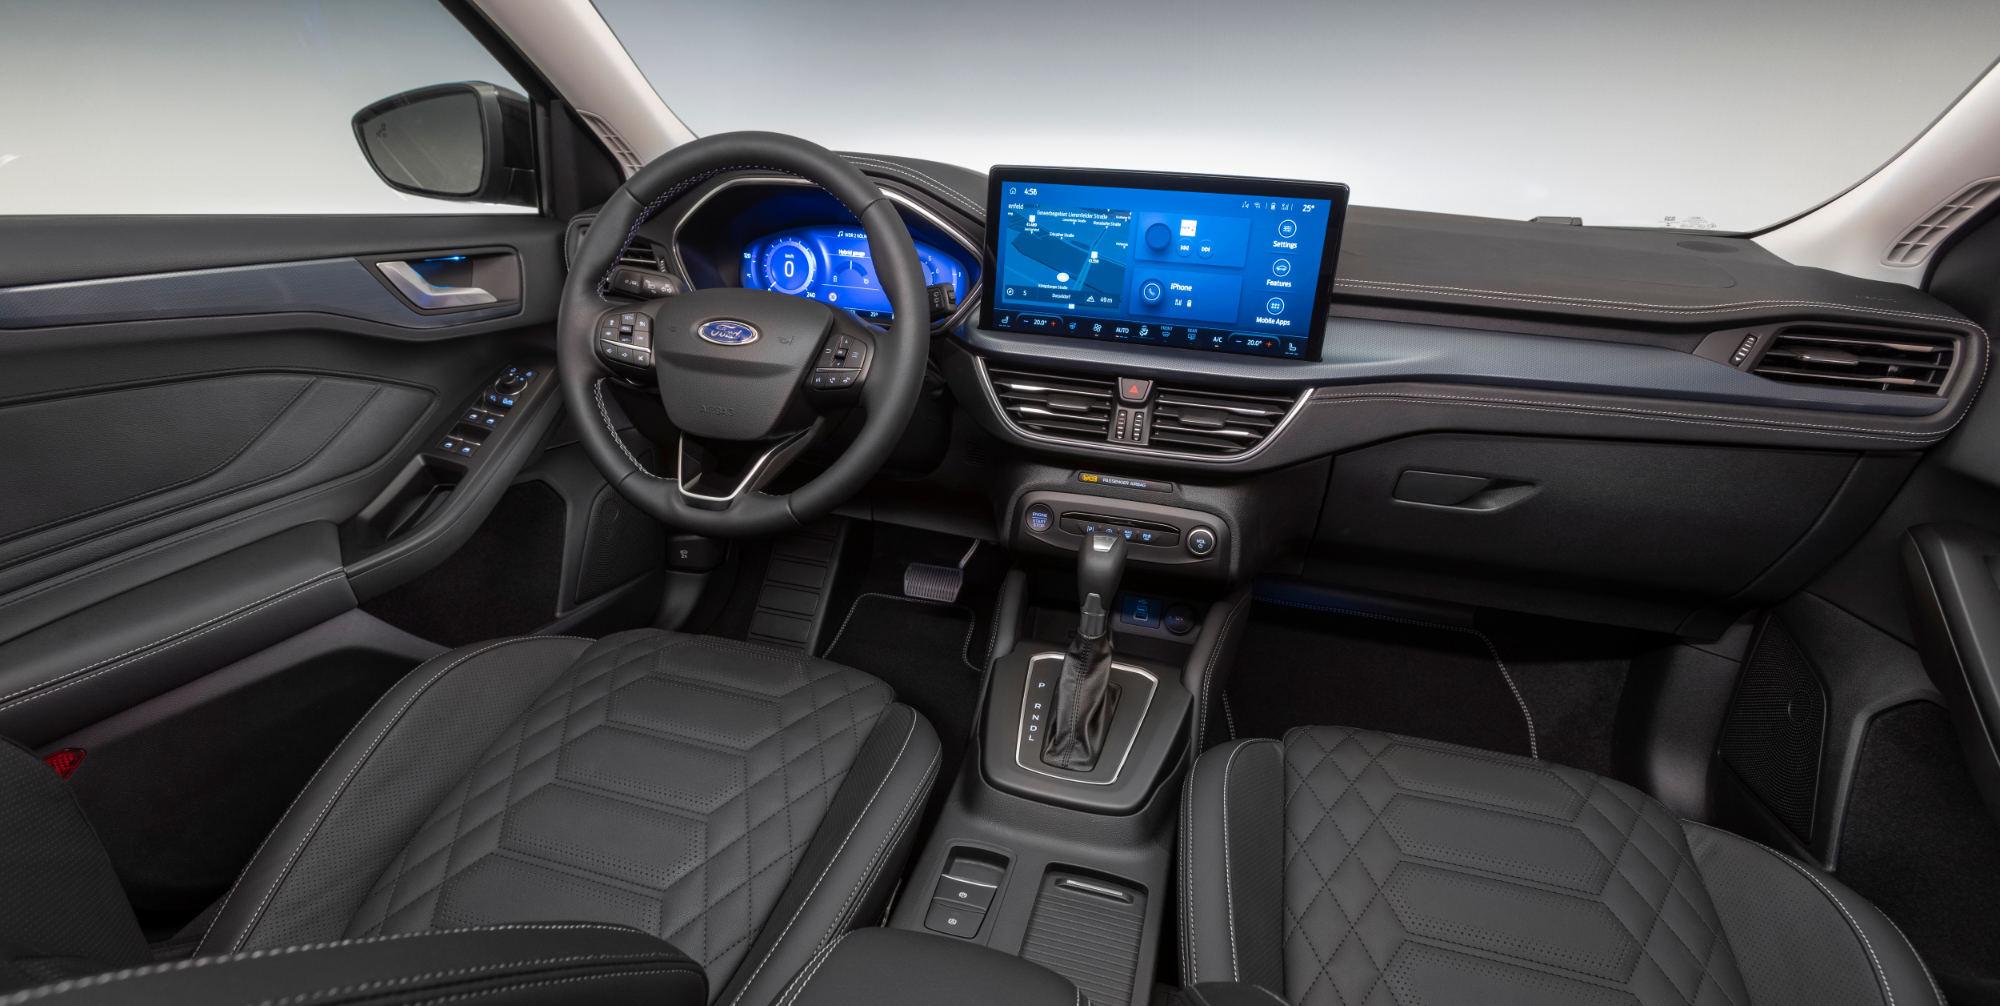 Nye Ford Focus interiør